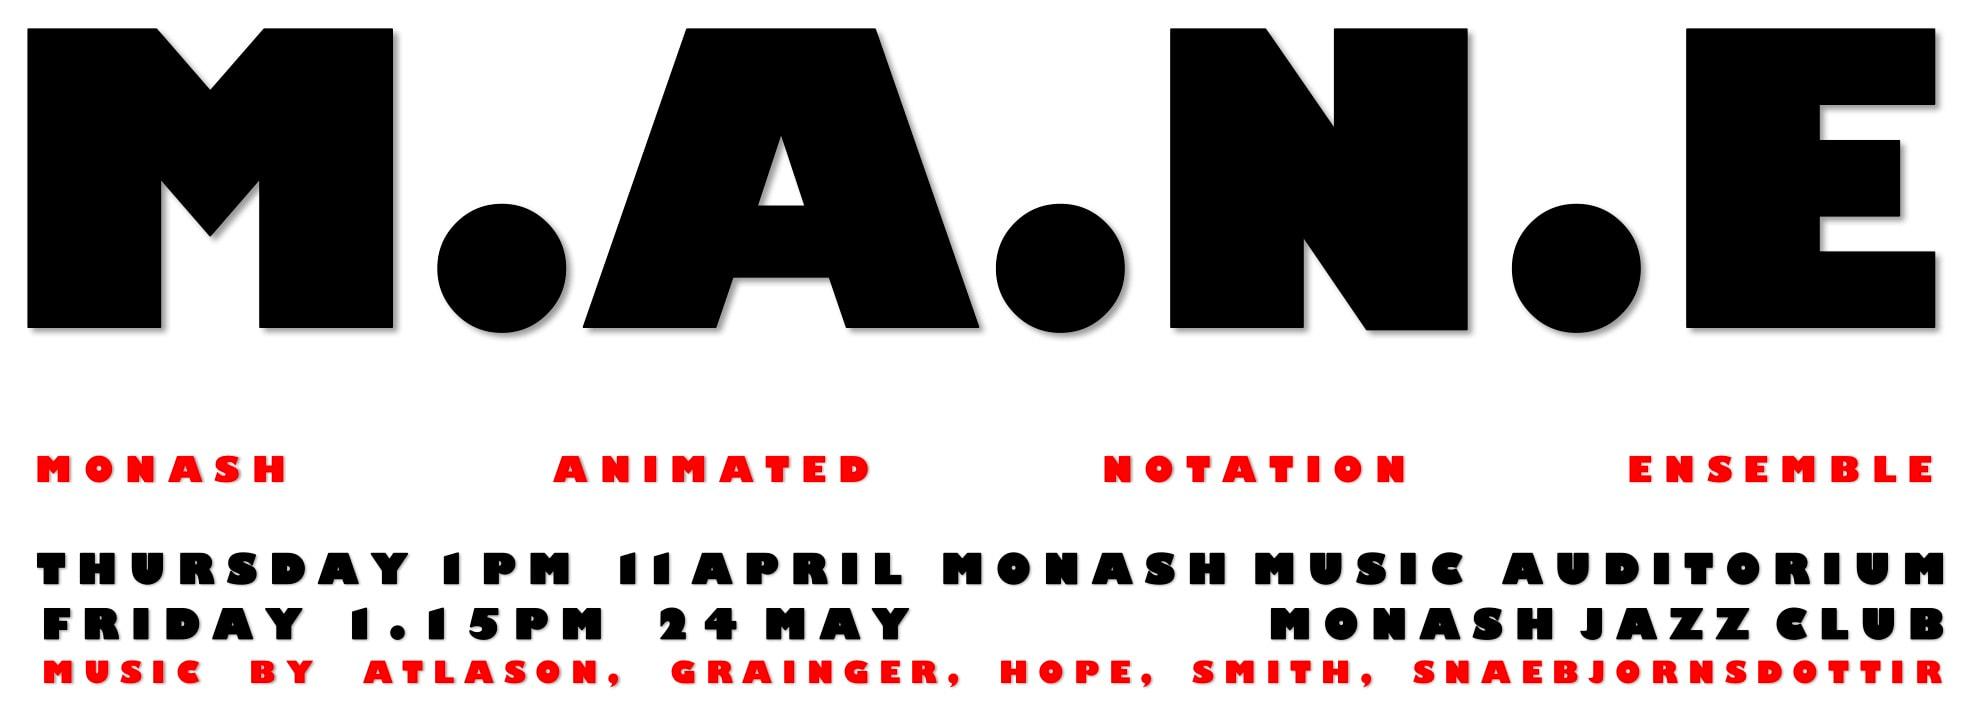 M.A.N.E. = Monash Animated Notation Ensemble